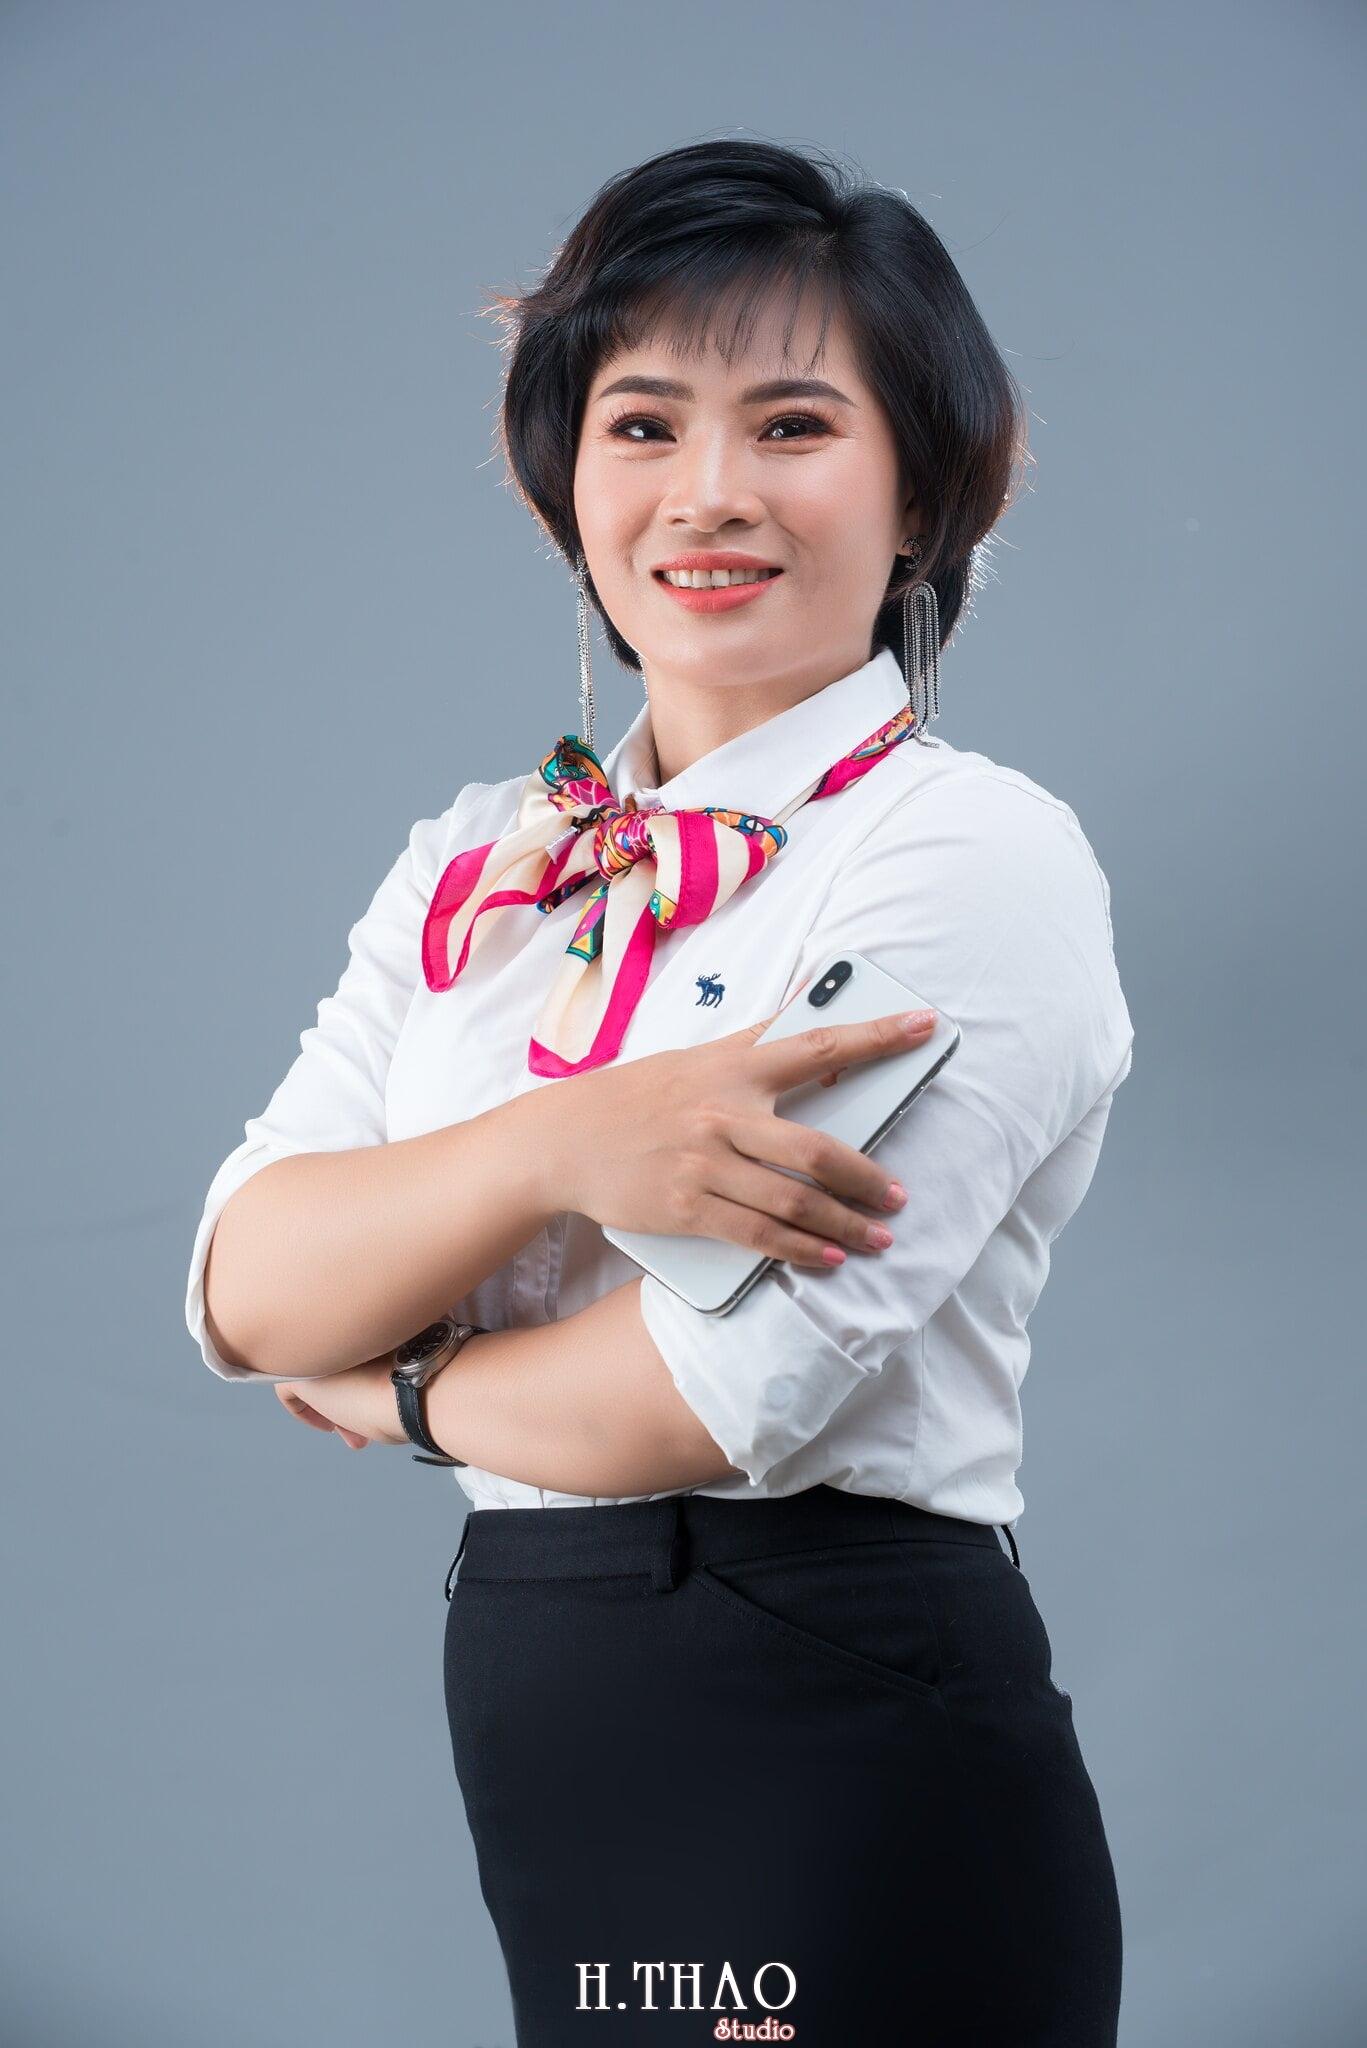 cong ty manulife 13 min - Studio chụp ảnh profile cá nhân chuyên nghiệp ở Tp.HCM- HThao Studio